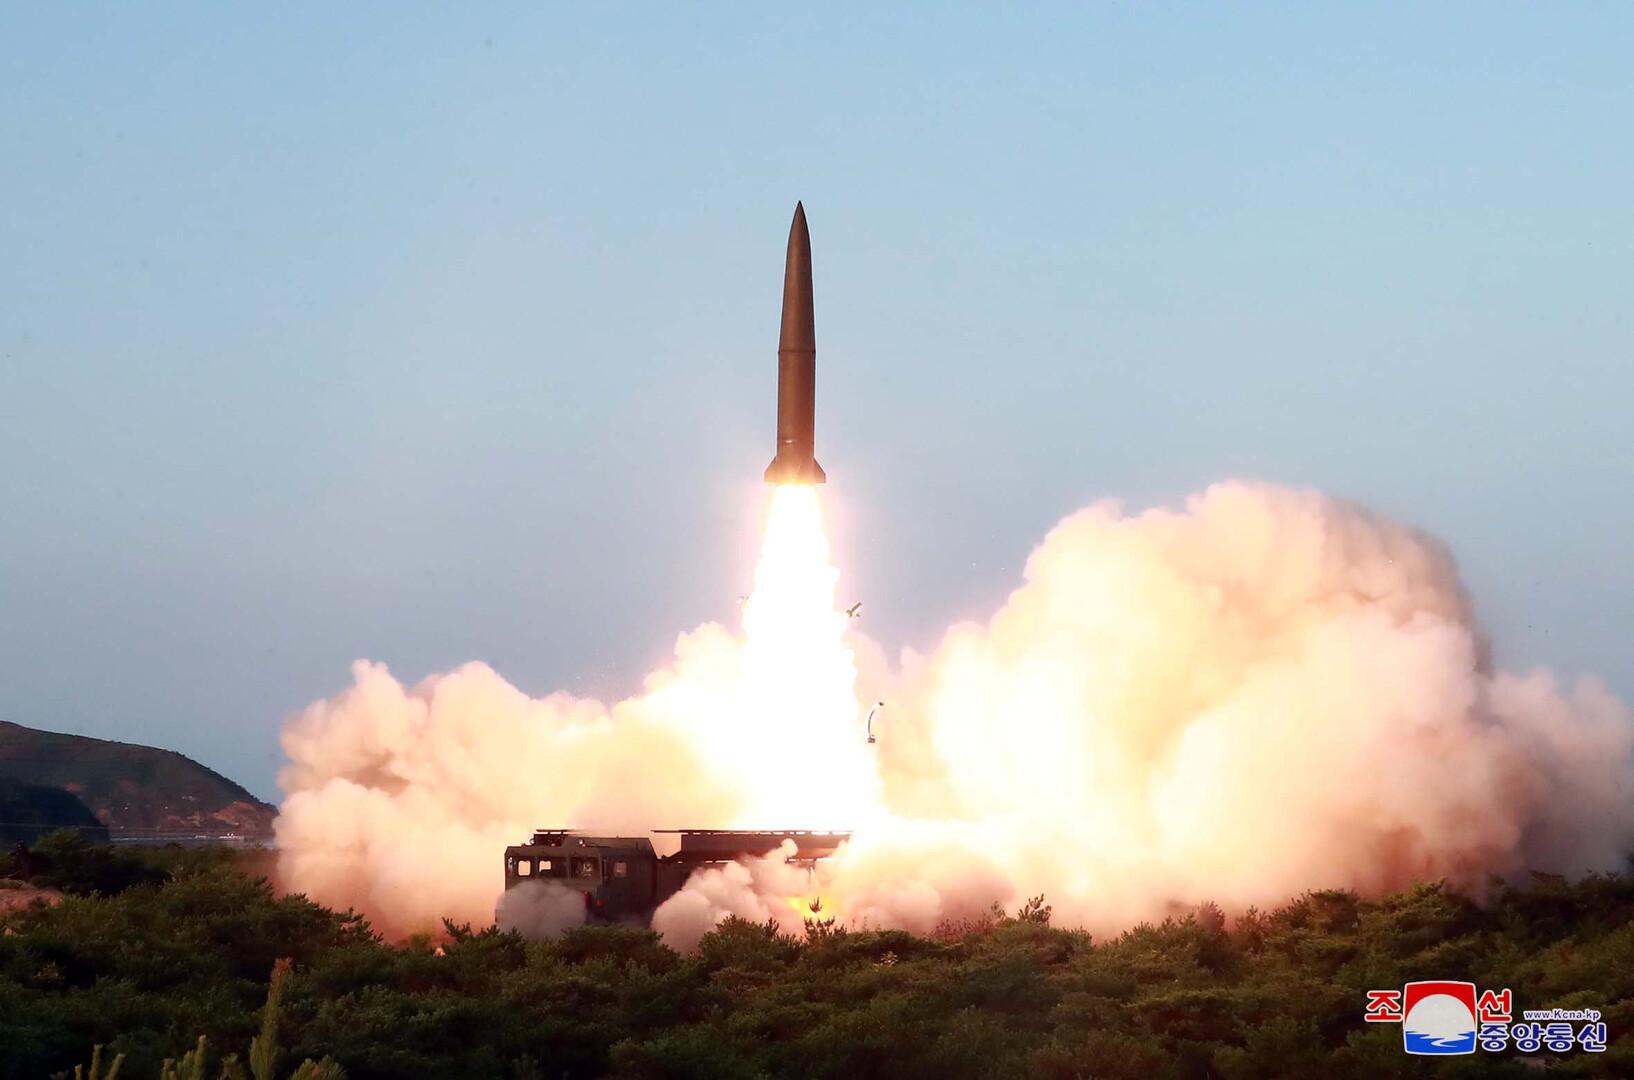 بيونغ يانغ تطلق صاروخين صباح اليوم بلغ مداهما 330 كيلومترا